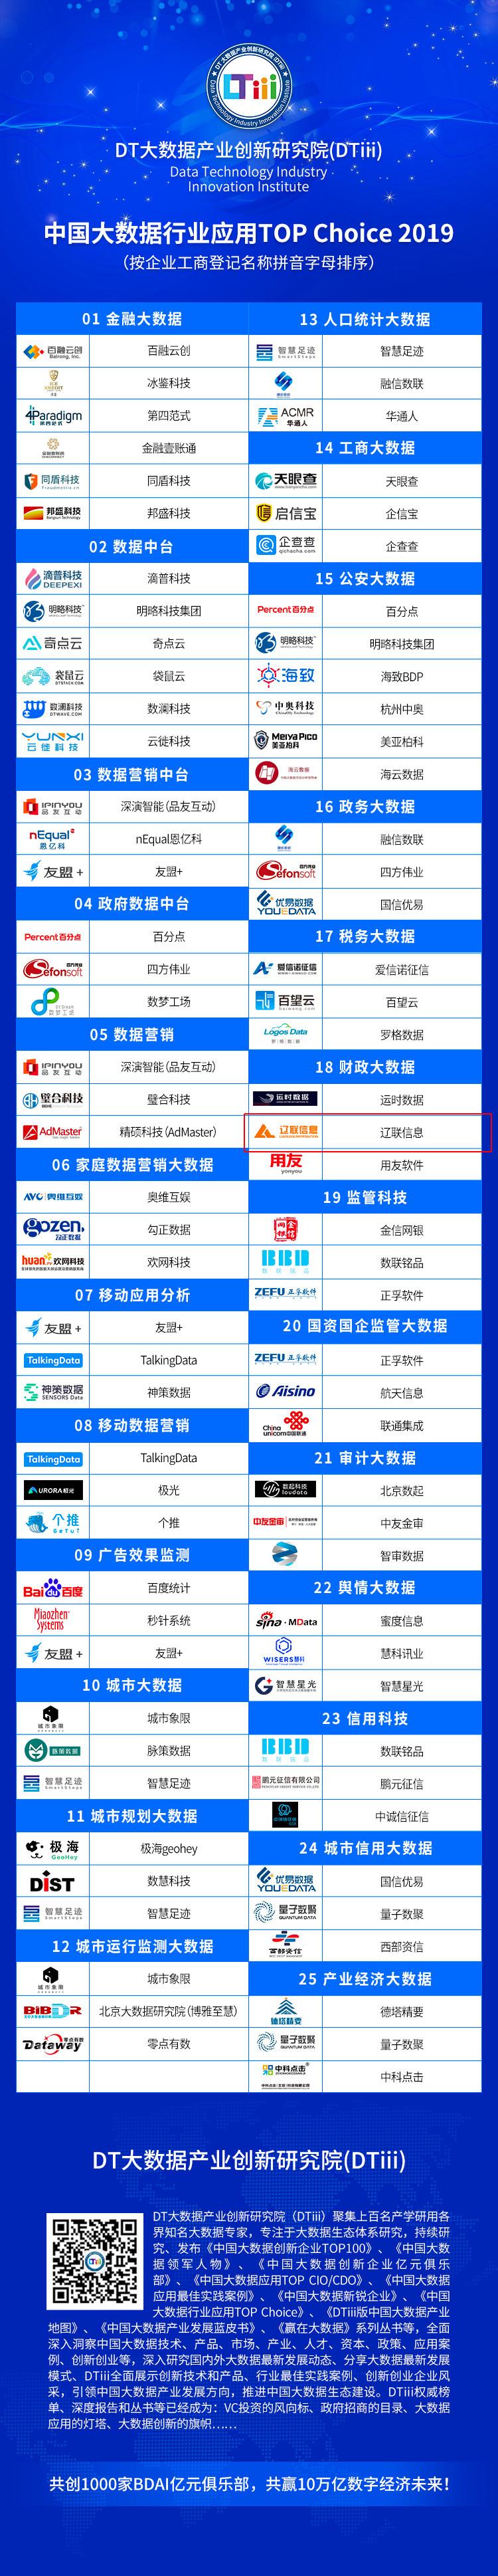 中国大数据行业应用Top Choice 2019.jpg